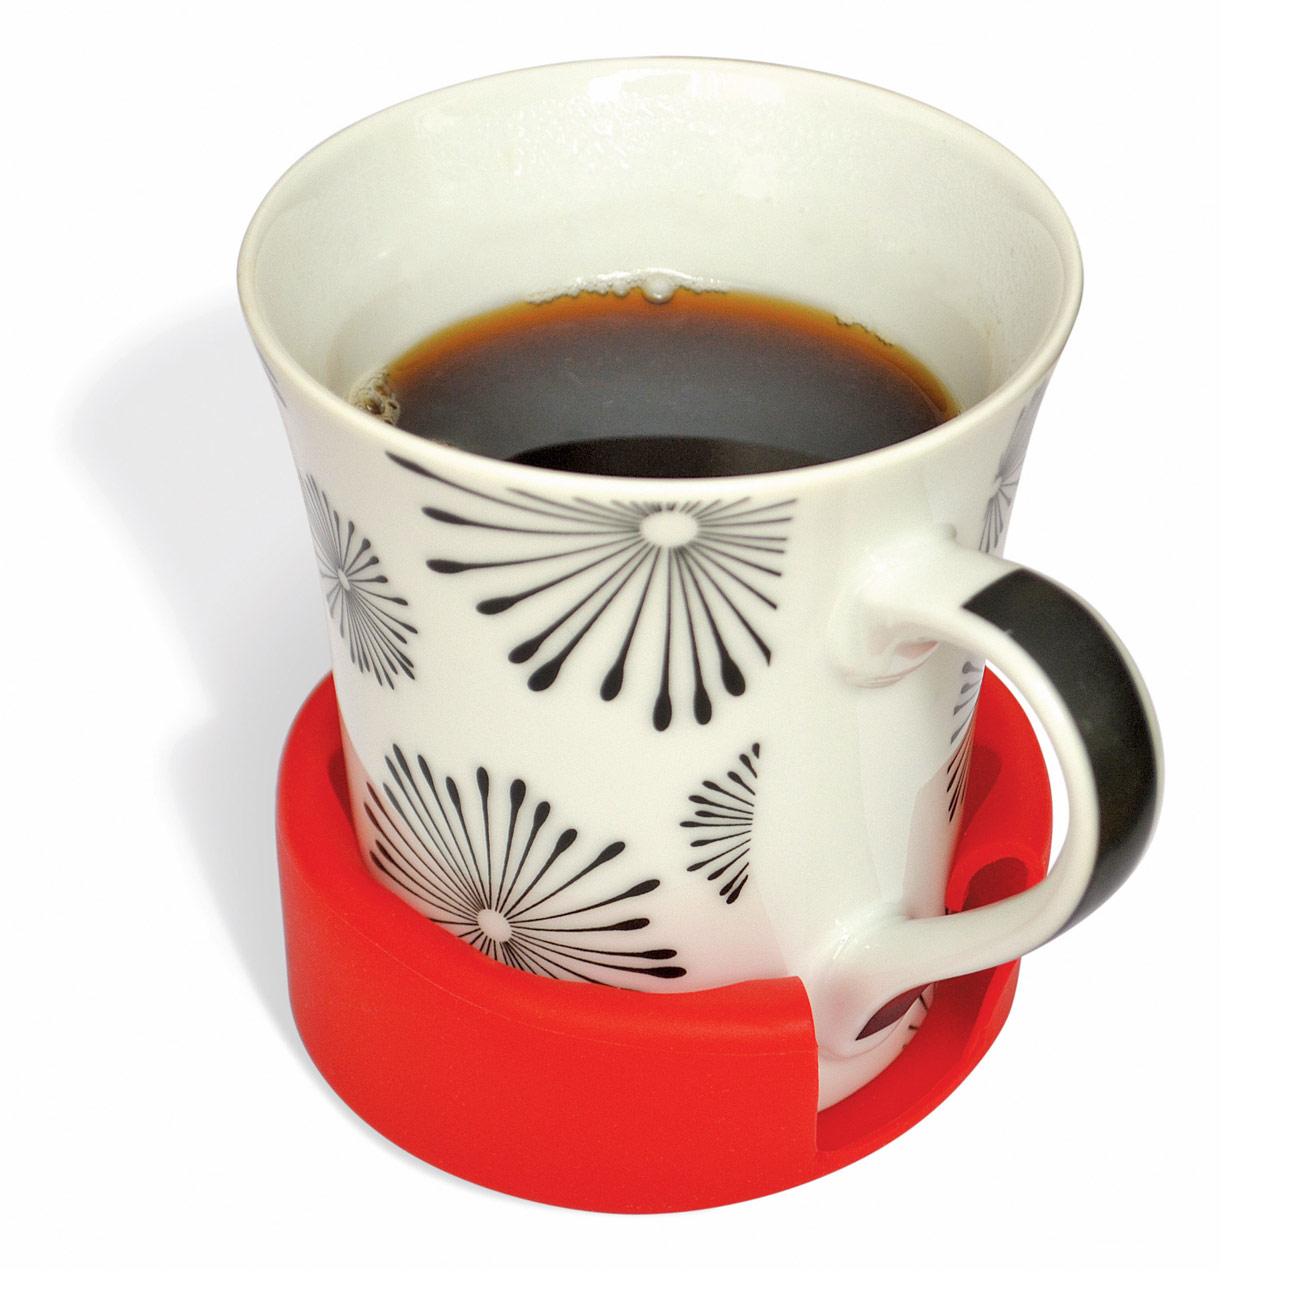 Tenura Cup Holder - Red